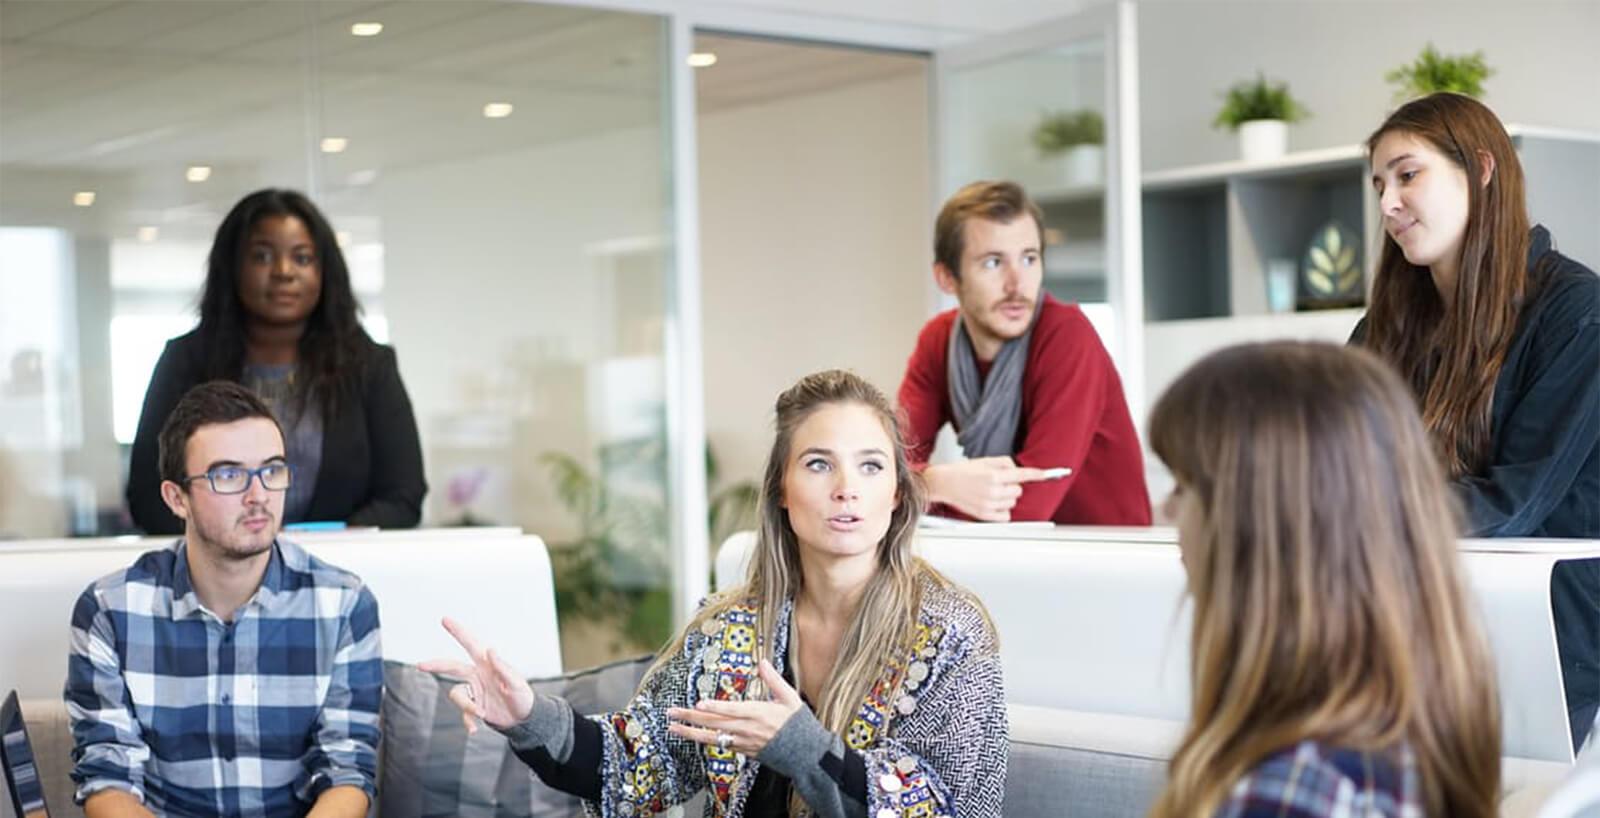 Ressources humaines - Performance-RH Improve your skills - Formations digitales mentorées e-learning intervient sur les thématiques Rh émergentes et sur le développement des compétences des collaborateurs. Nous sommes un acteur de la Qualité de Vie au Travail et de la prévention des RPS au sein des entreprises via notre plateforme d'accompagnement, de prévention et de formation «IMPROVE YOUR SKILLS» Depuis plus de 11 ans, Donner du sens à chacun dans son travail/dans sa vie privée L'accompagner dans son évolution L'aider dans sa pratique Le faire évoluer et épauler son épanouissement … Sont des axes pratiques que nous mettons en application grâce à notre expertise, la confiance de nos clients et le partage commun de nos réussites. management par projet anticiper les risques Harcèlement